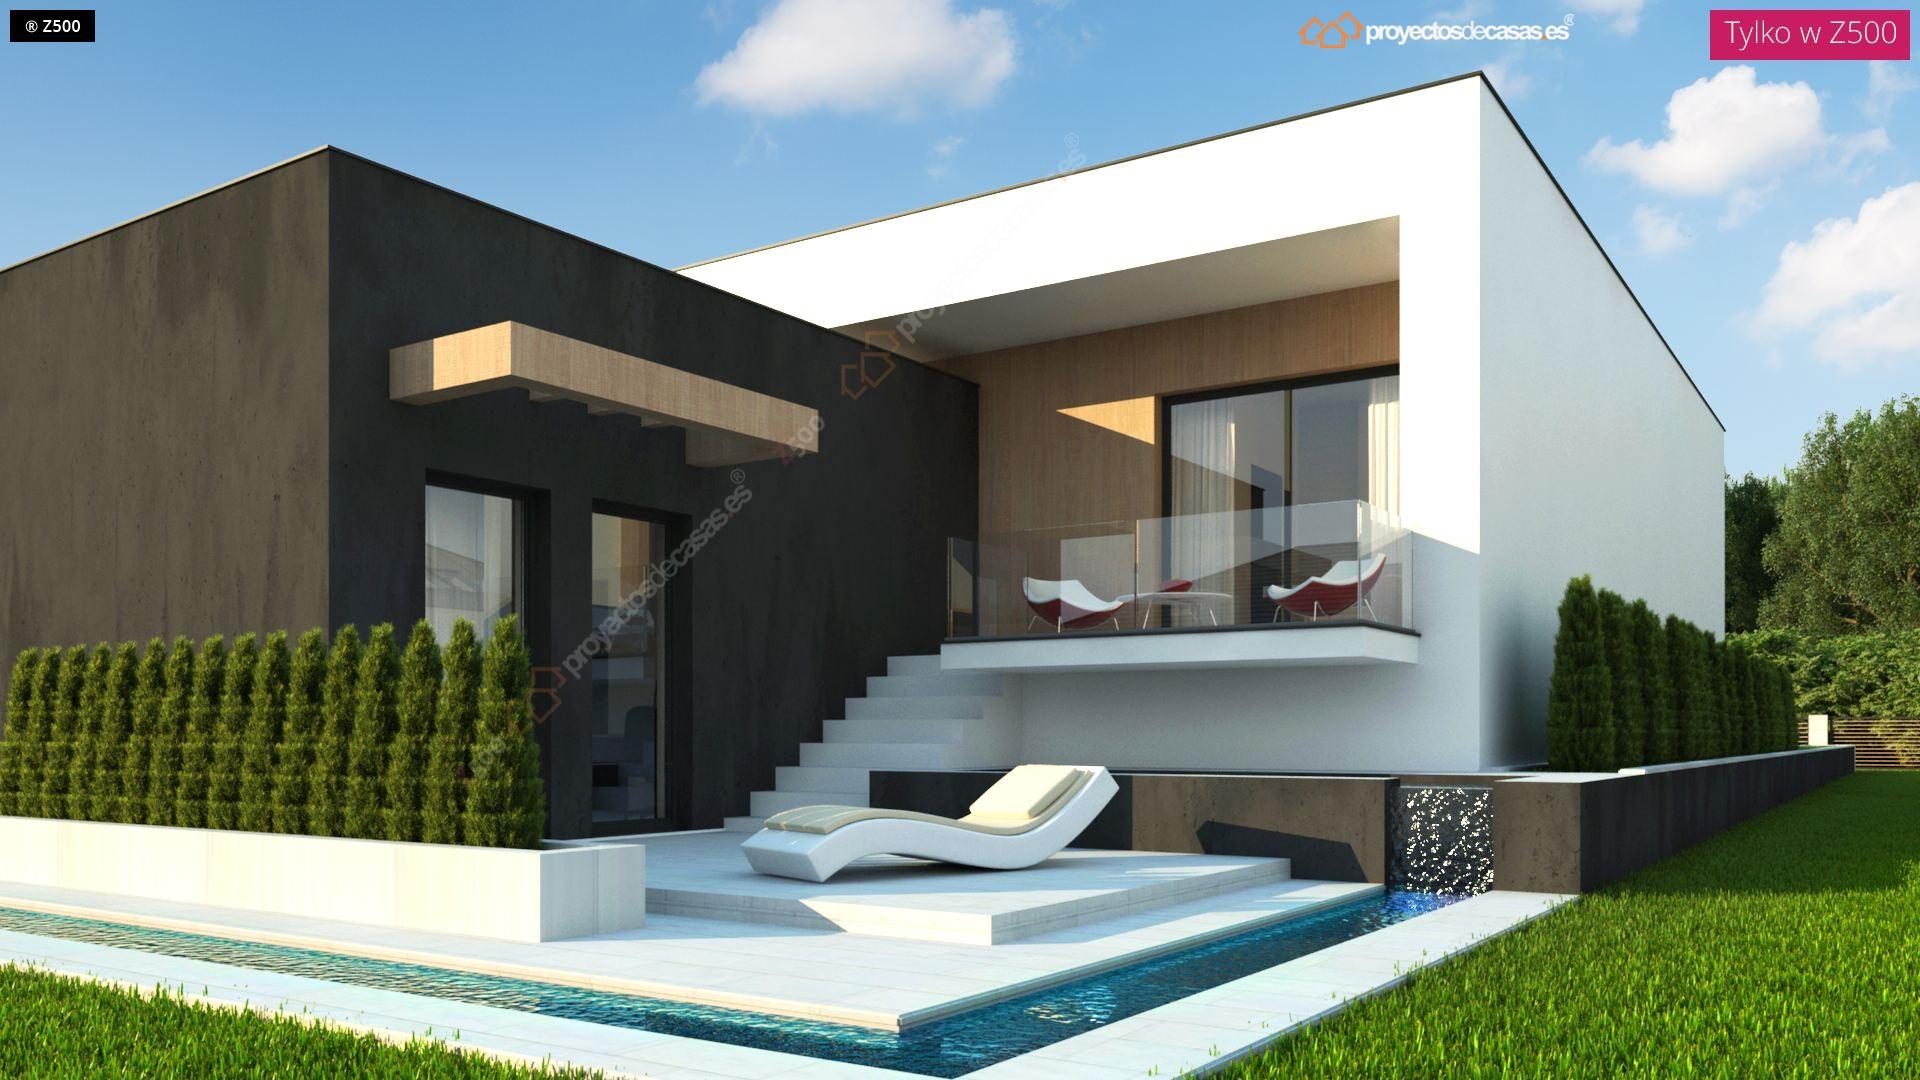 Proyectos de casas casa moderna de 1 planta con piscina for Casas pequenas de una planta modernas